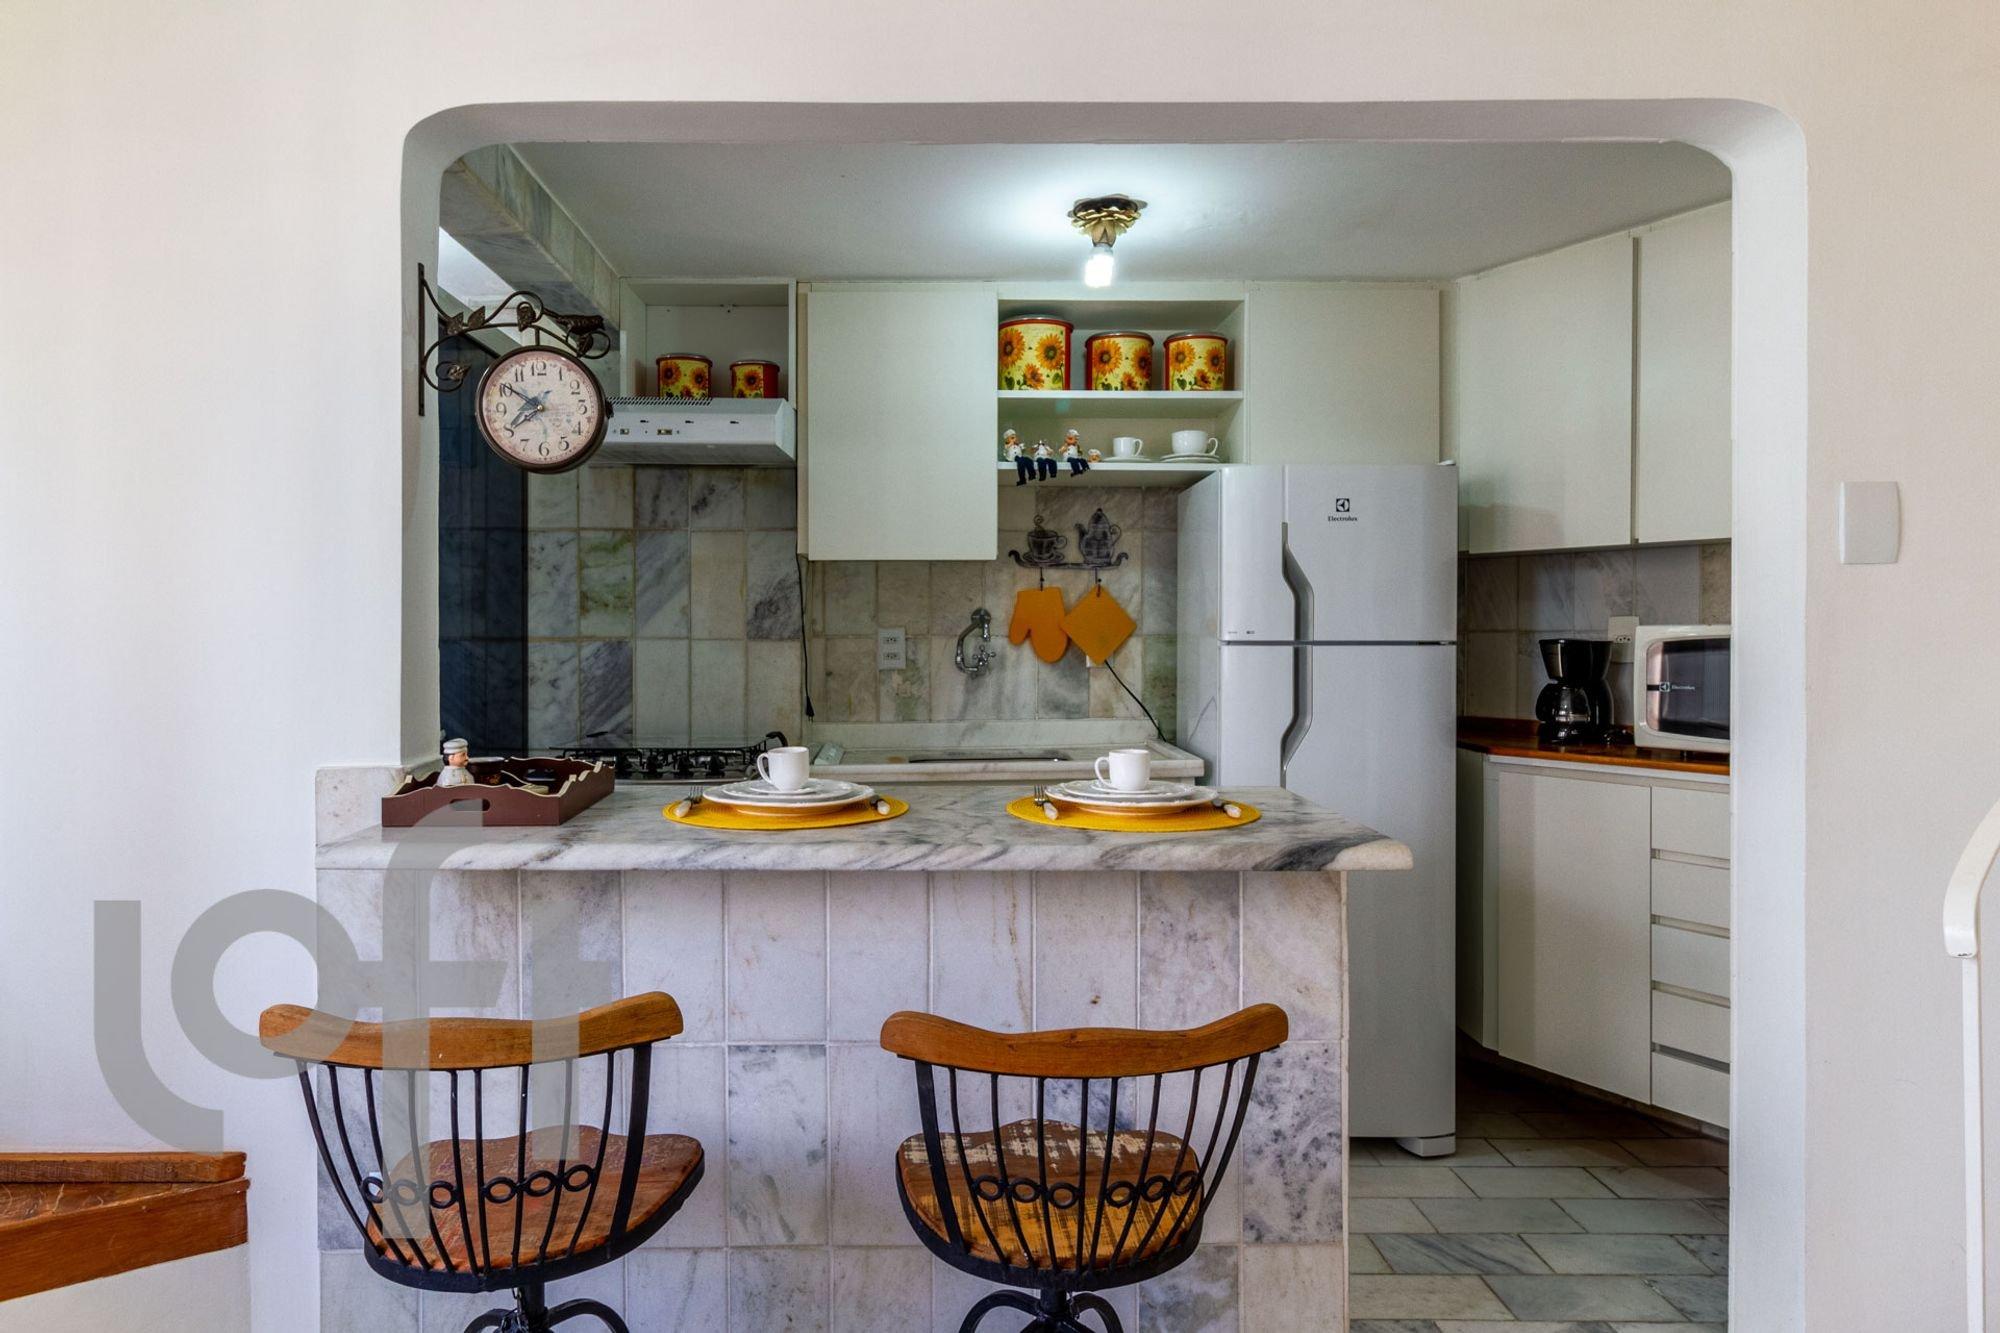 Foto de Cozinha com relógio, geladeira, cadeira, microondas, xícara